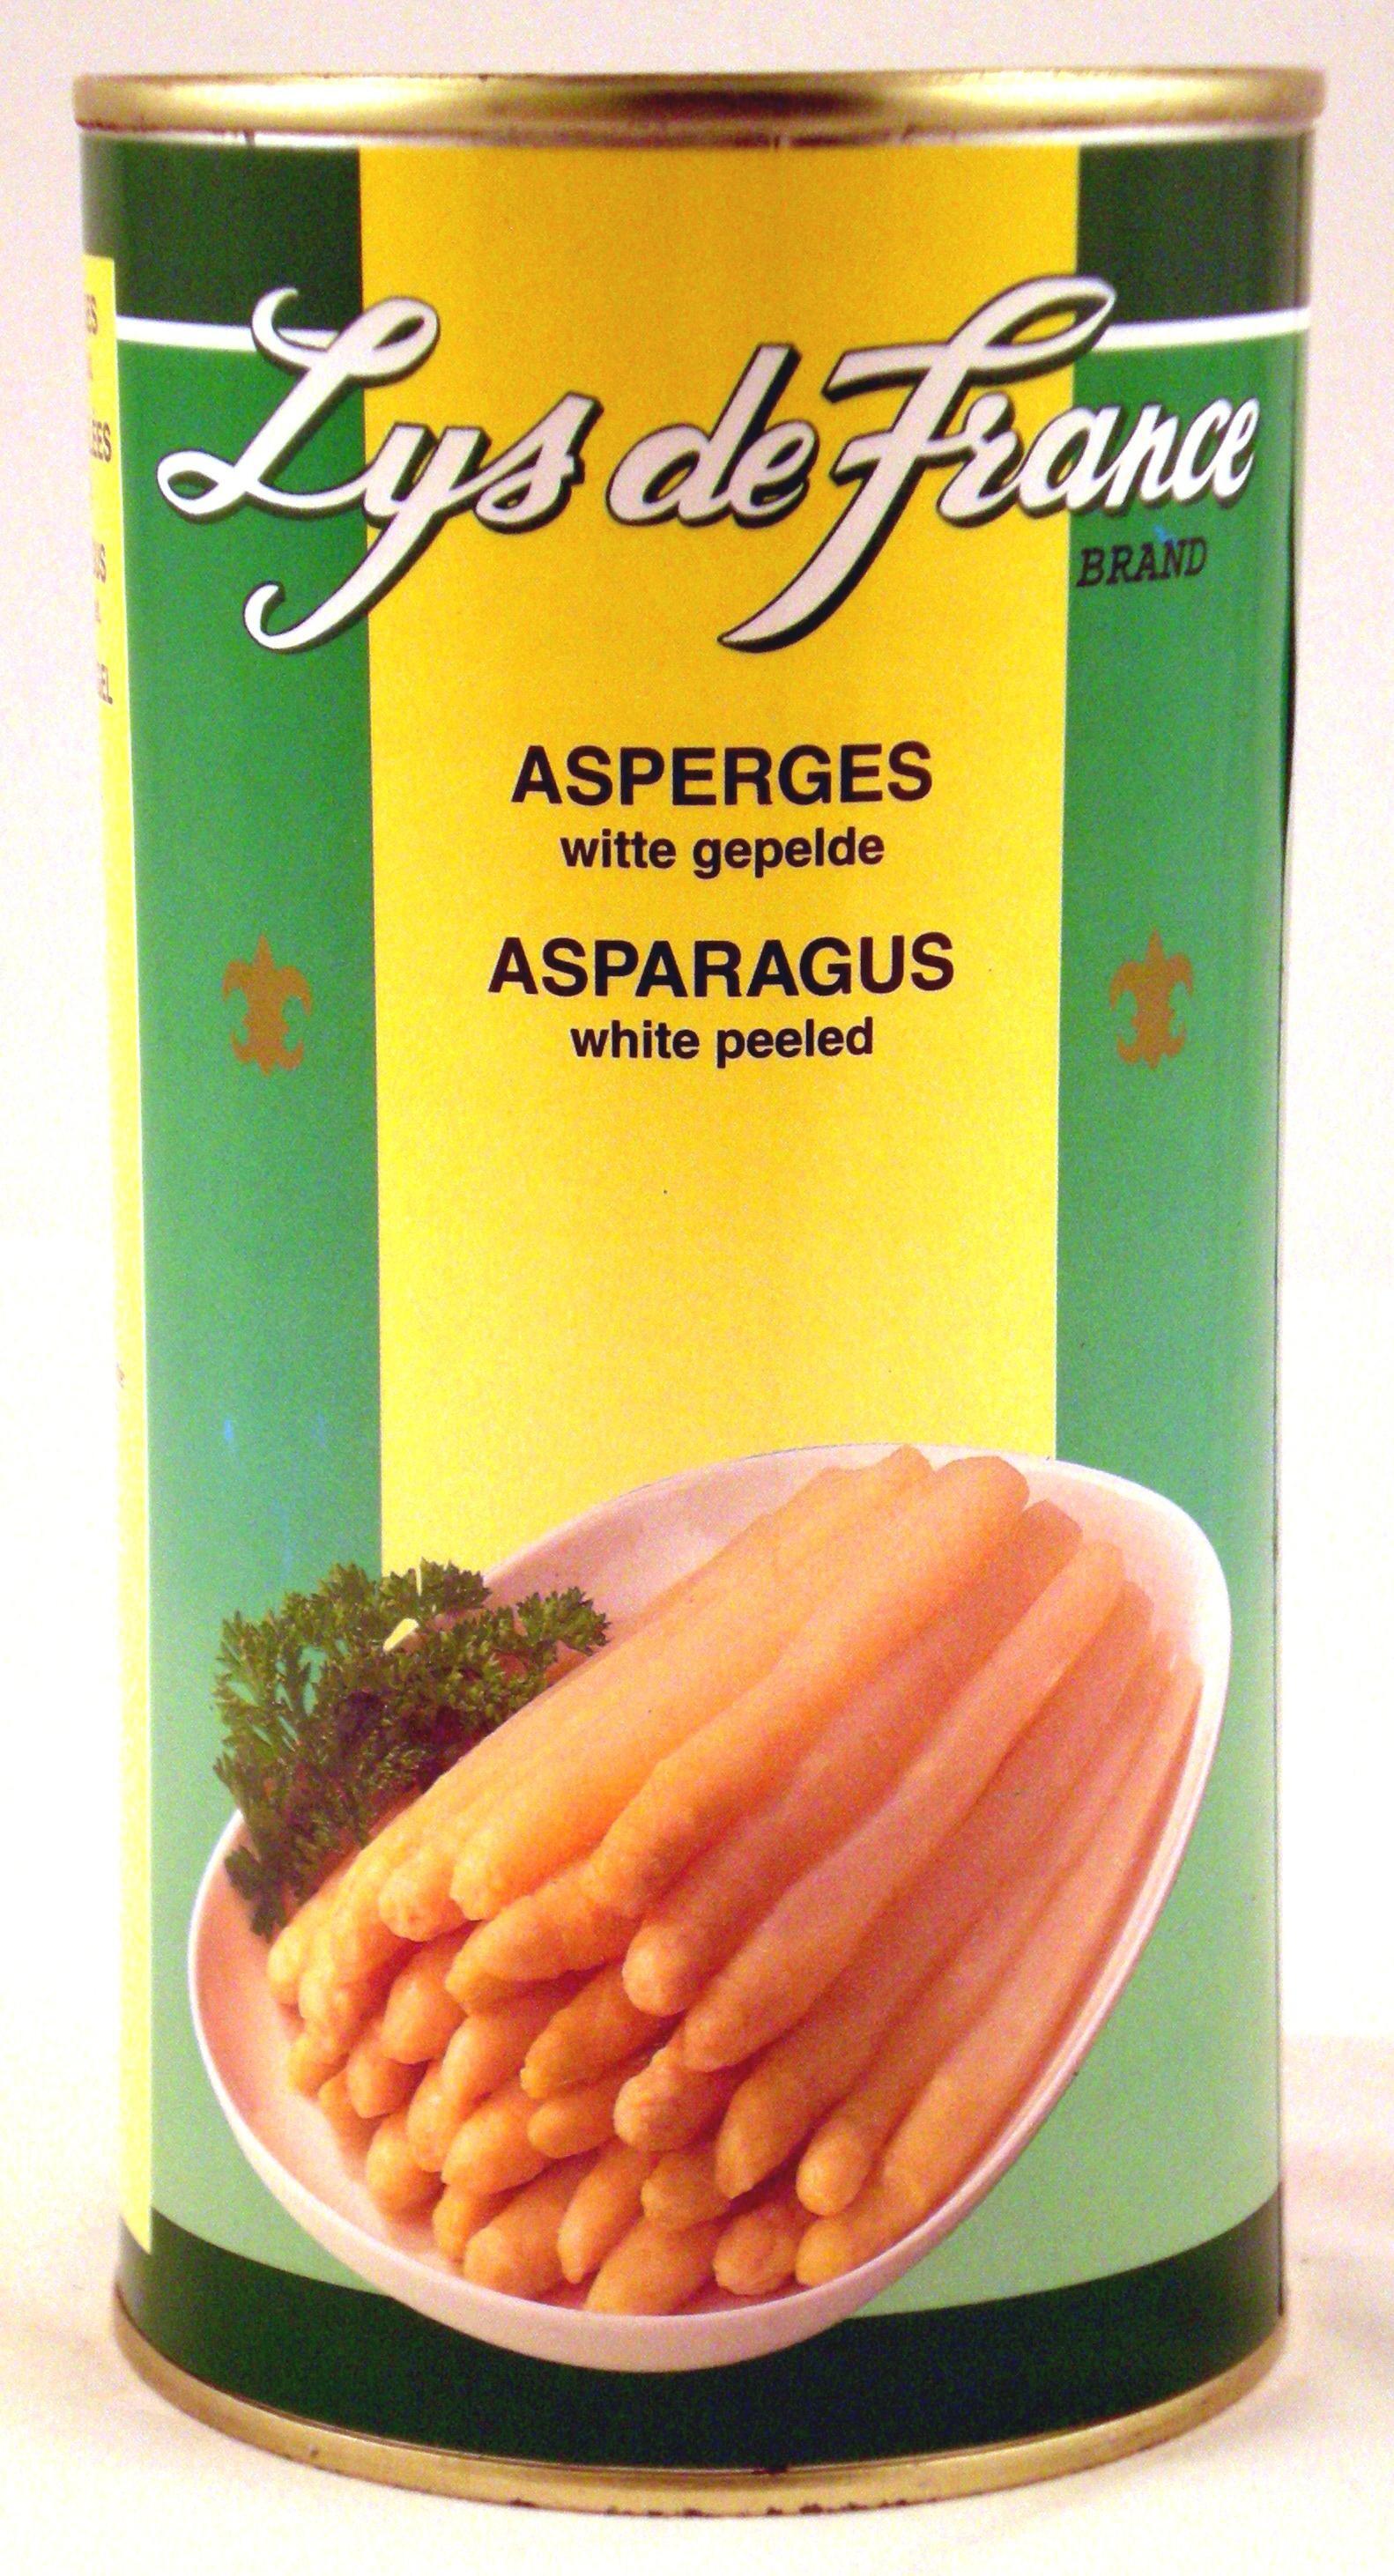 White Asparagus peeled 0.5L Lys de France